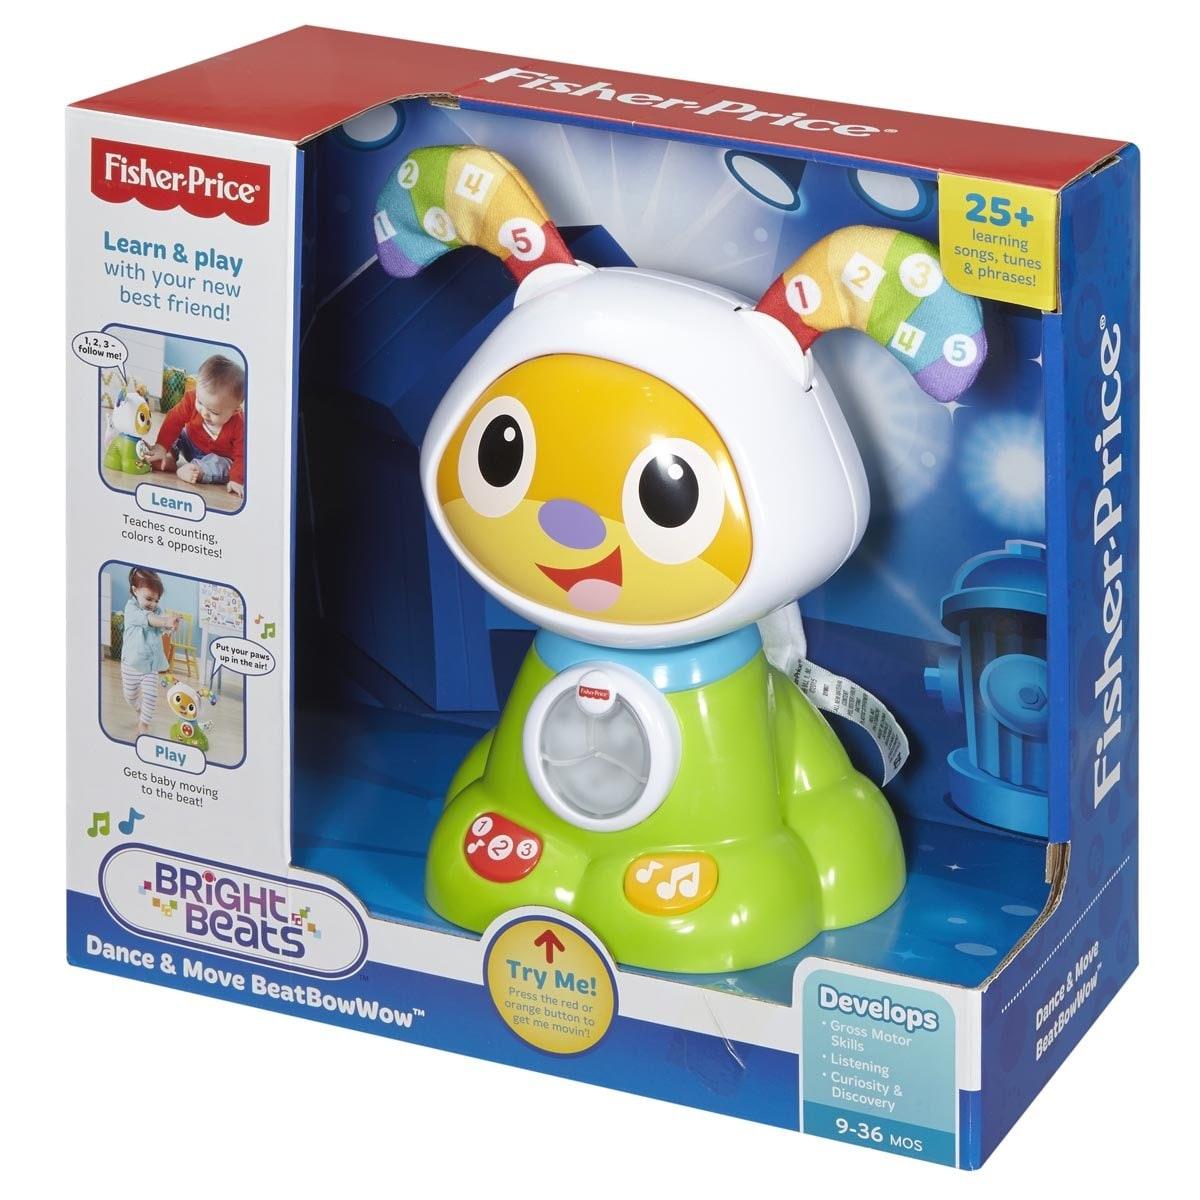 Fisher Price Puppy Bot Mattel